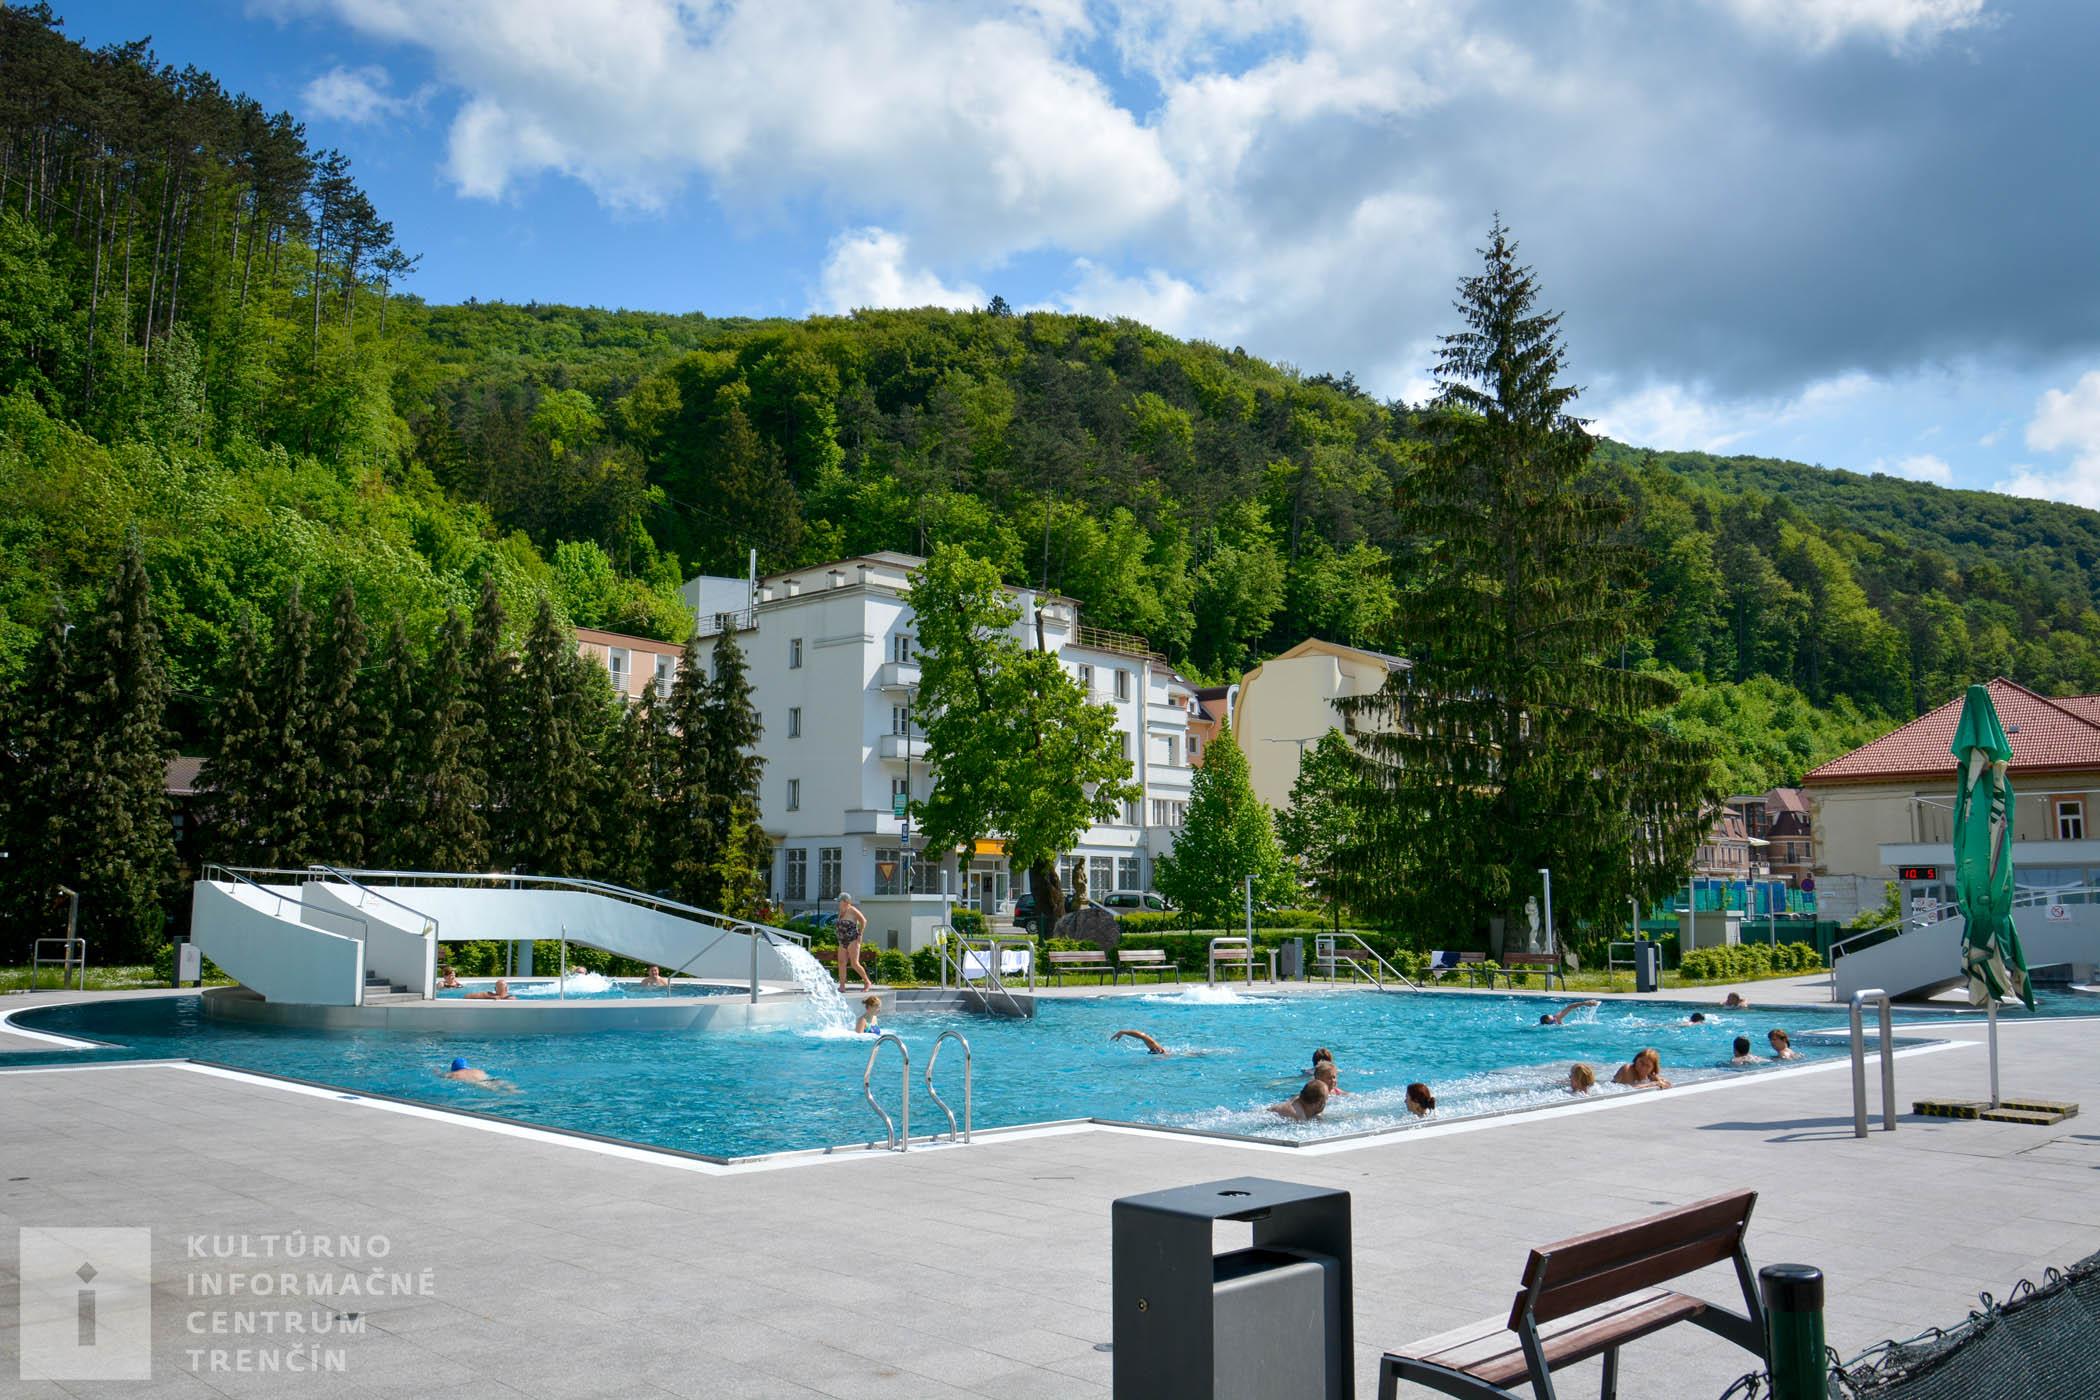 Bazén Grand v Trenčianskych Tepliciach/Swimming pool Grand